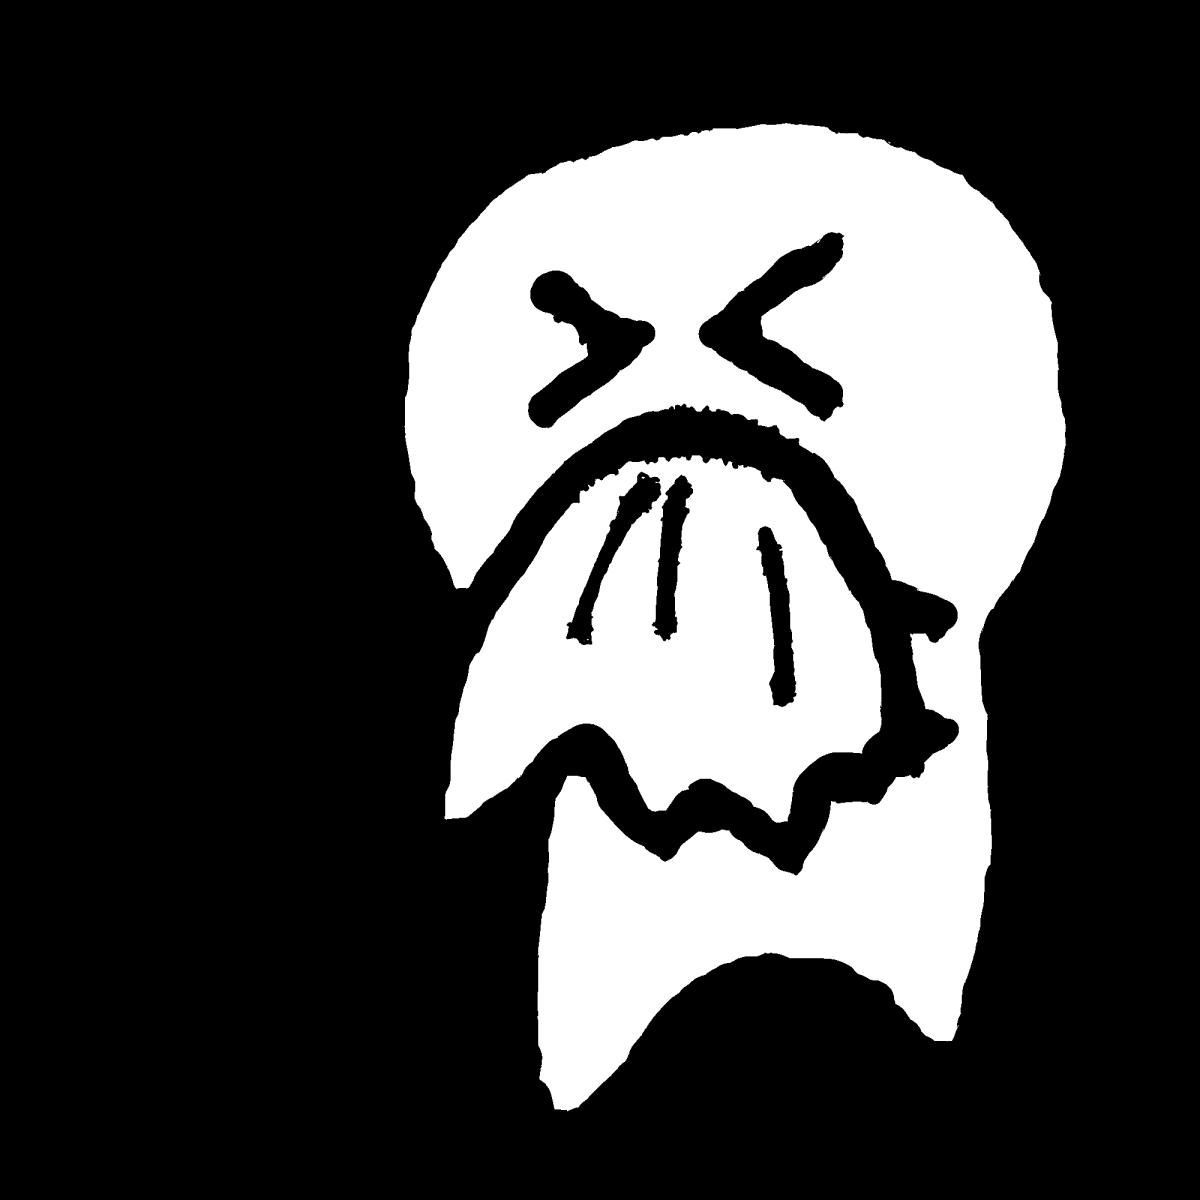 鼻をかむ(文字なし有)のイラスト / Blow nose Illustration